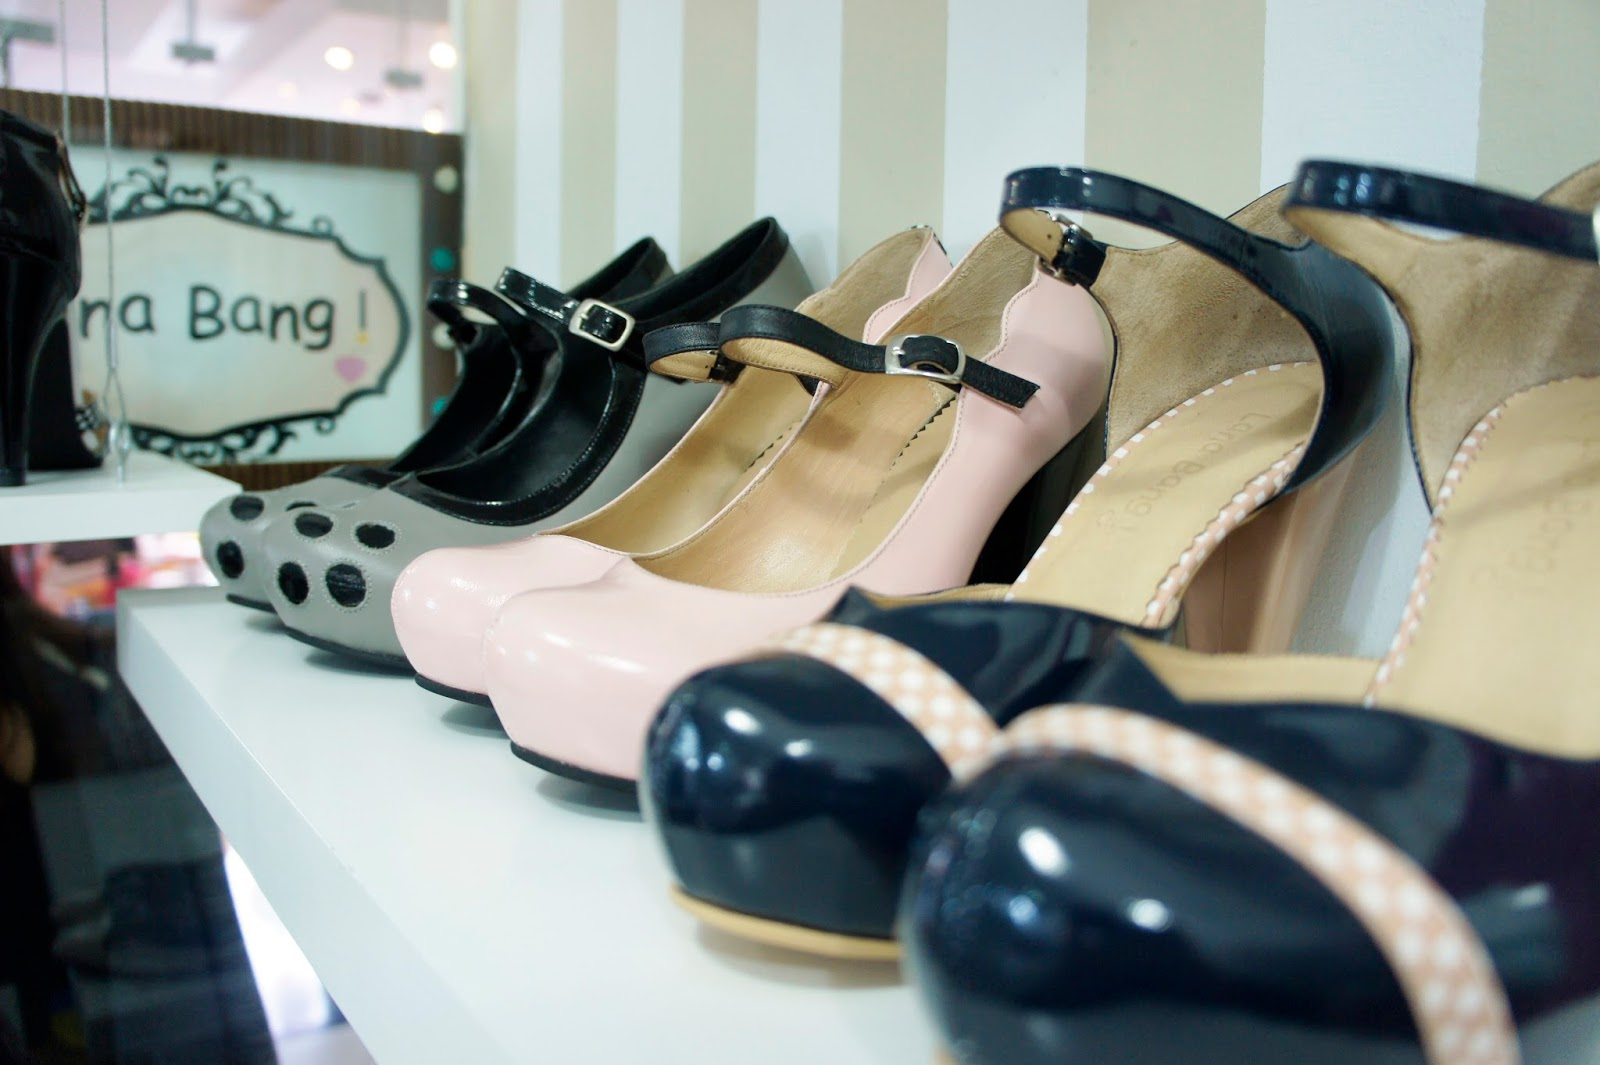 Lana Bang - Zapatos de Diseño, shoelover